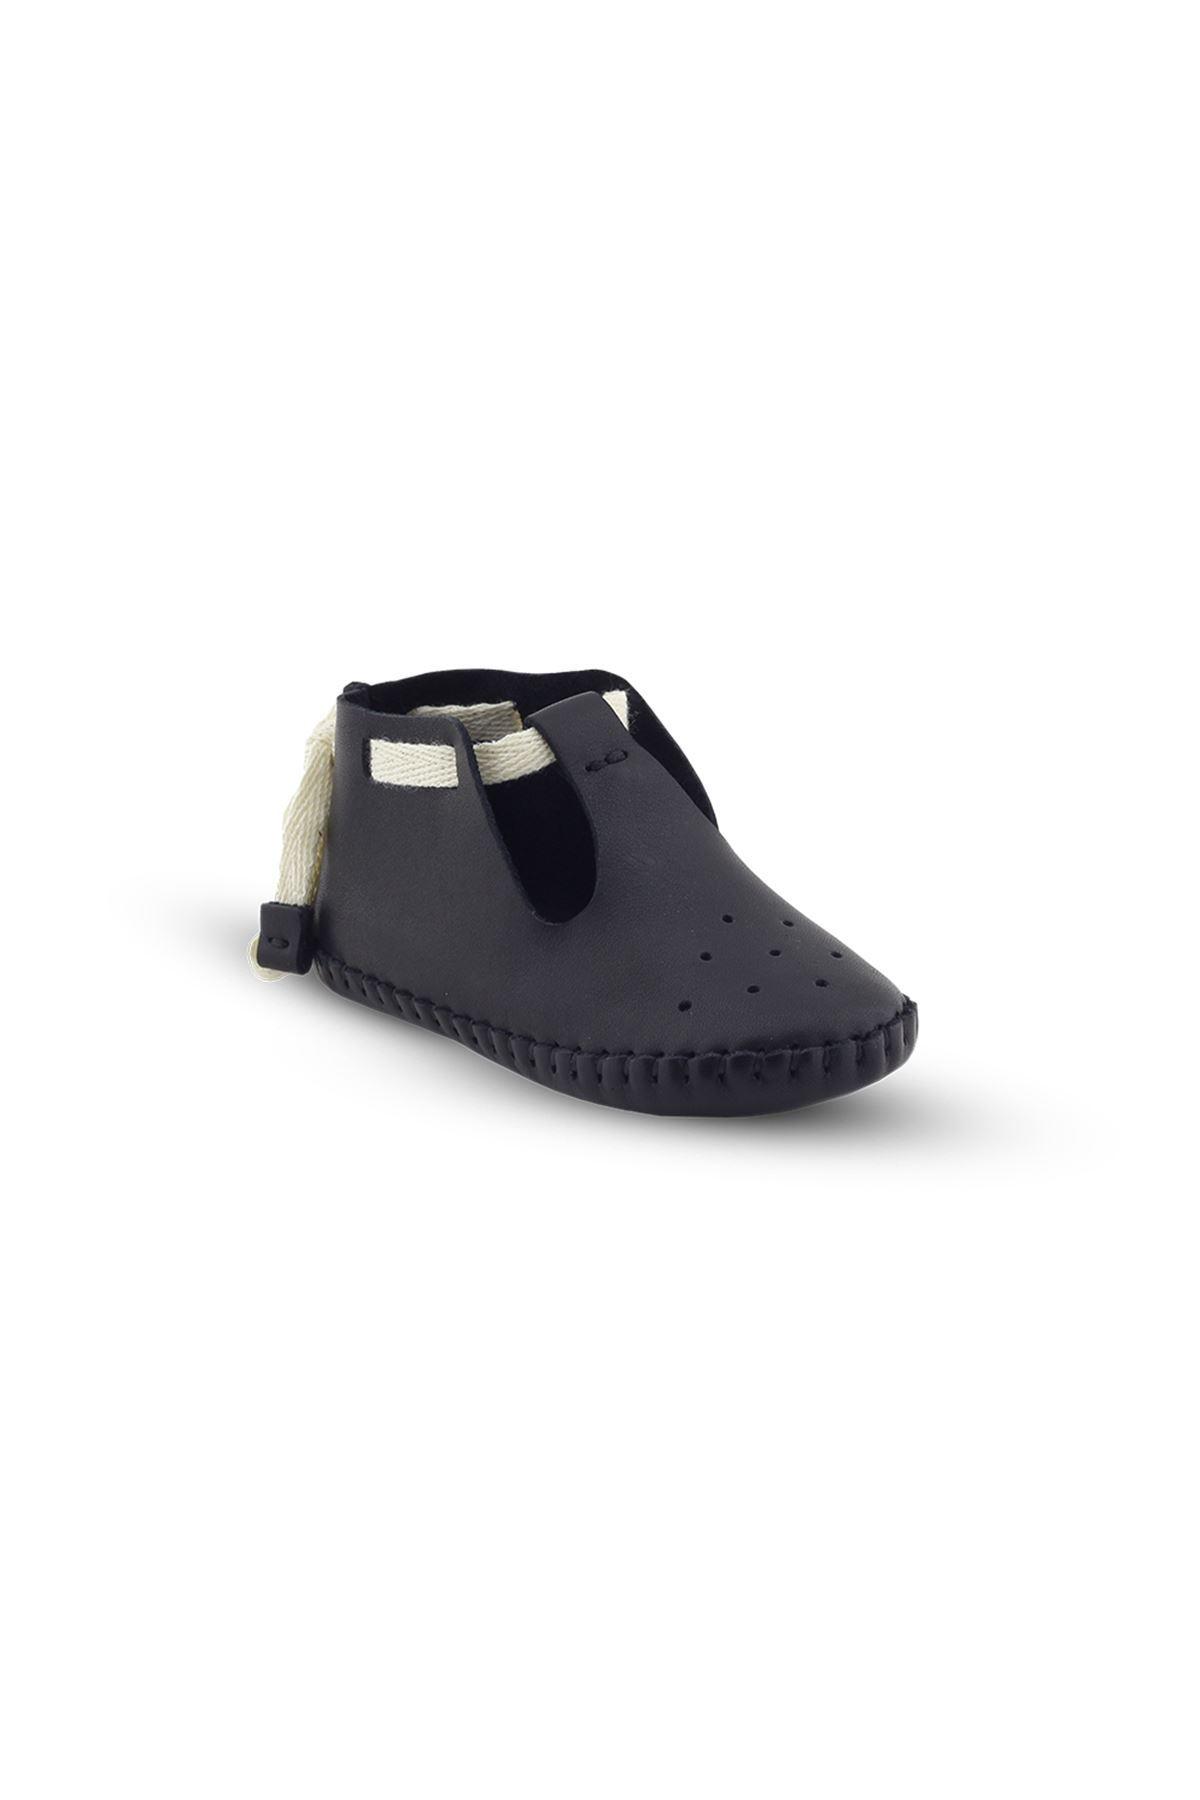 BB03 Siyah Hakiki Deri Unisex Bebek Patik İlk Adım Ev Ayakkabısı